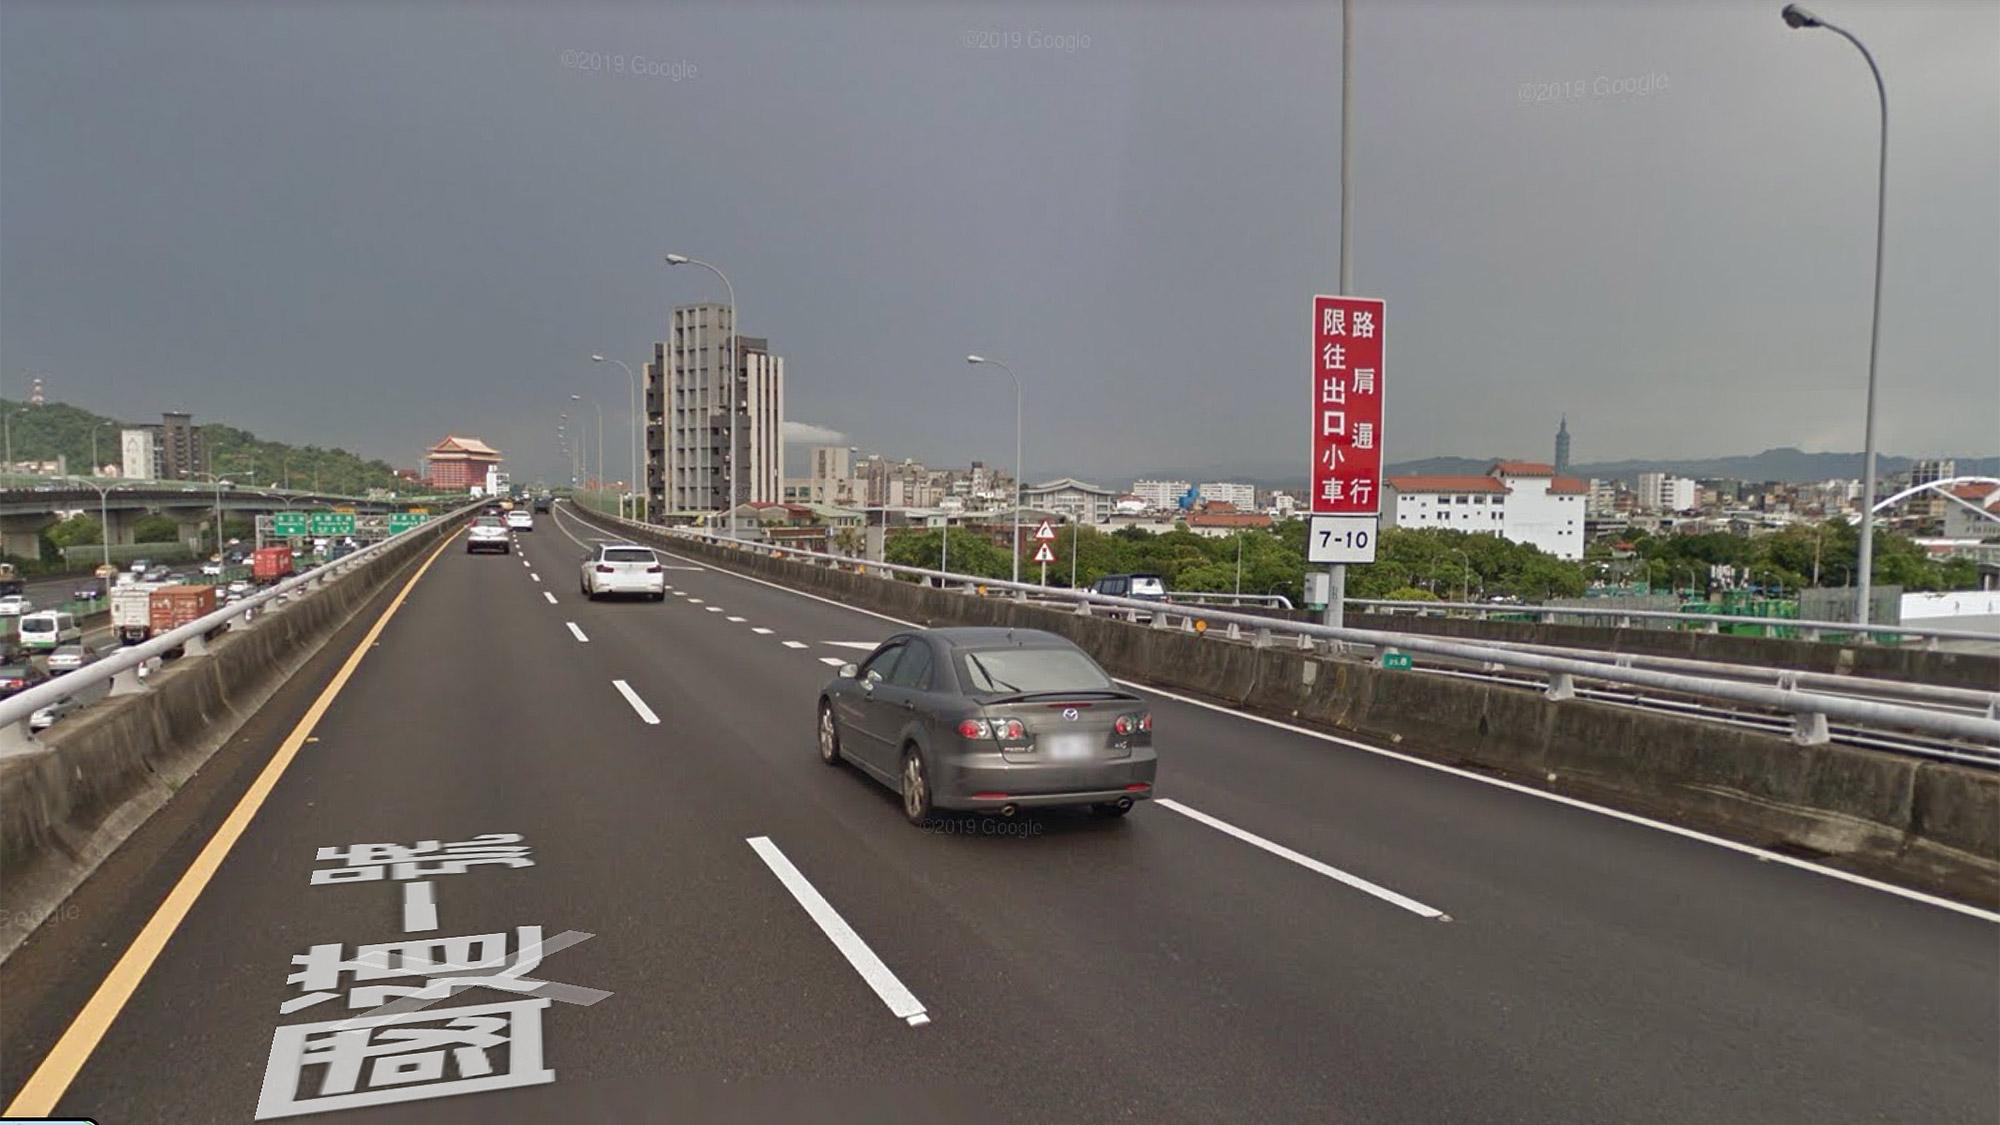 高速公路路肩限速吵什麼?速限 60km/h 合理嗎?